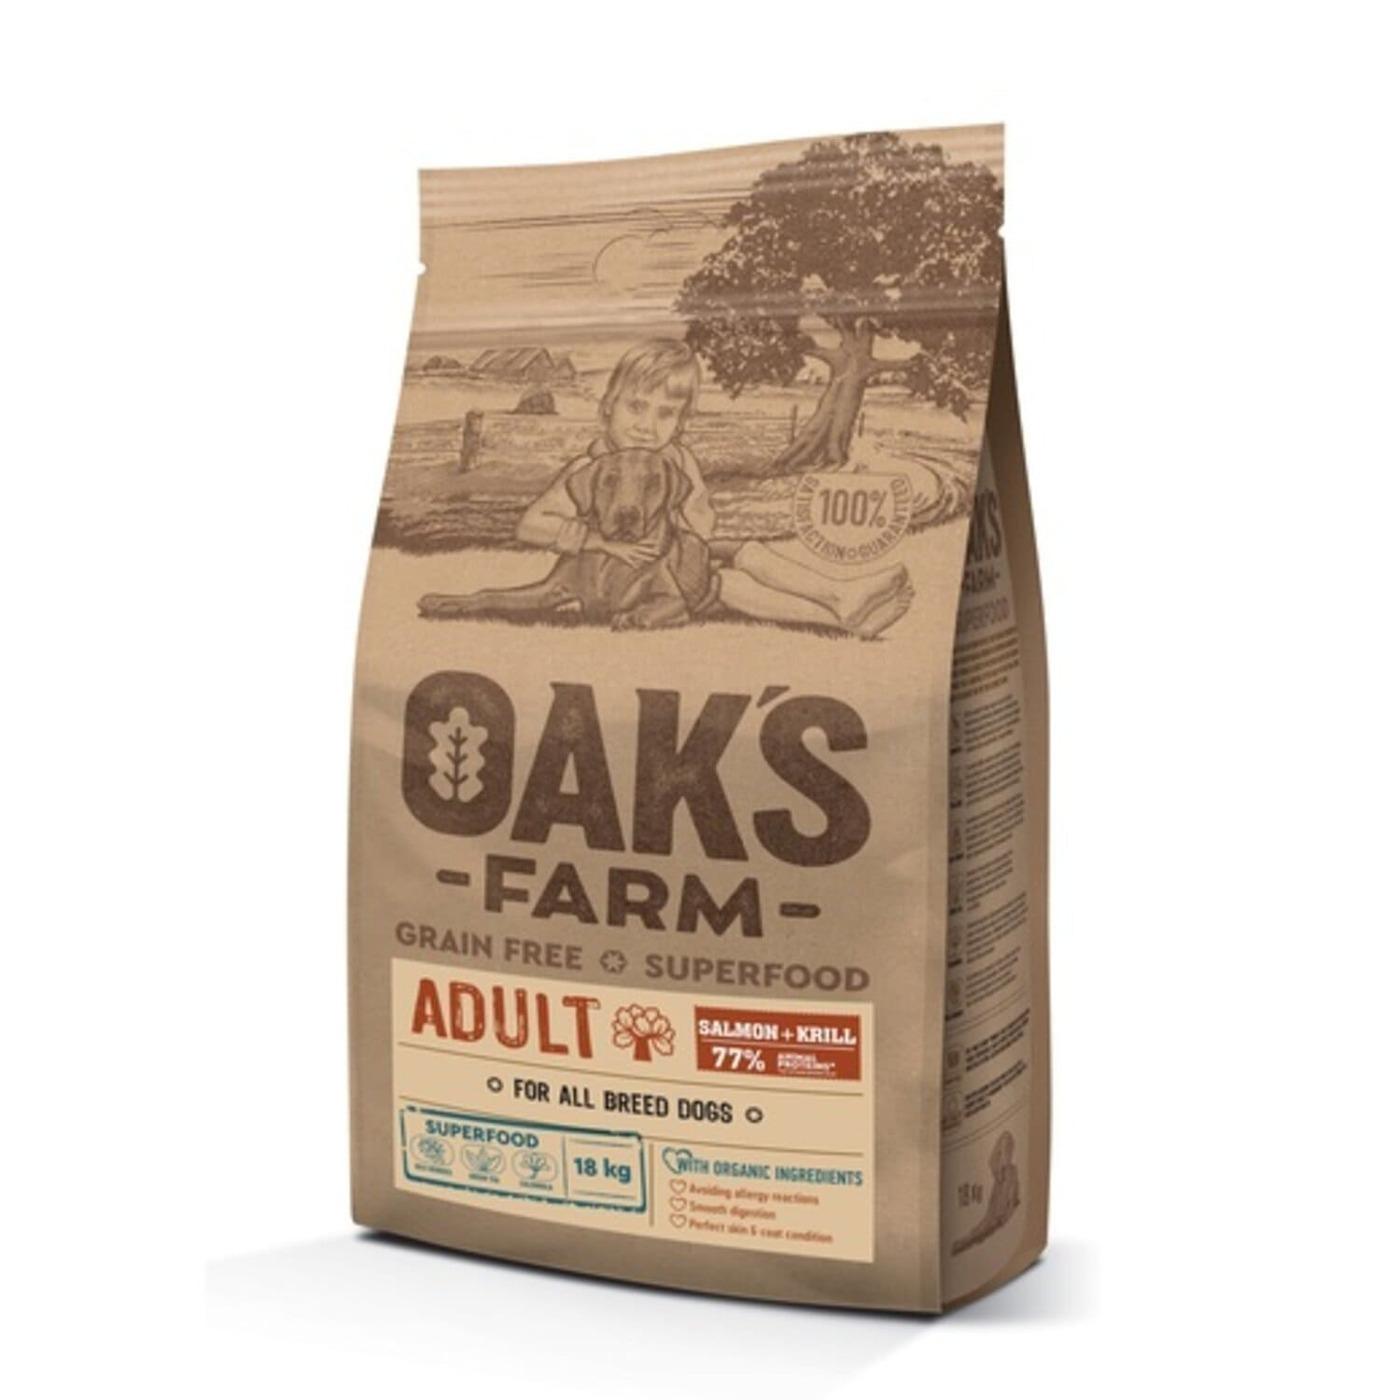 Oaks Farm GF сухой корм для собак мелких и карликовых пород, лосось и криль 18 кг